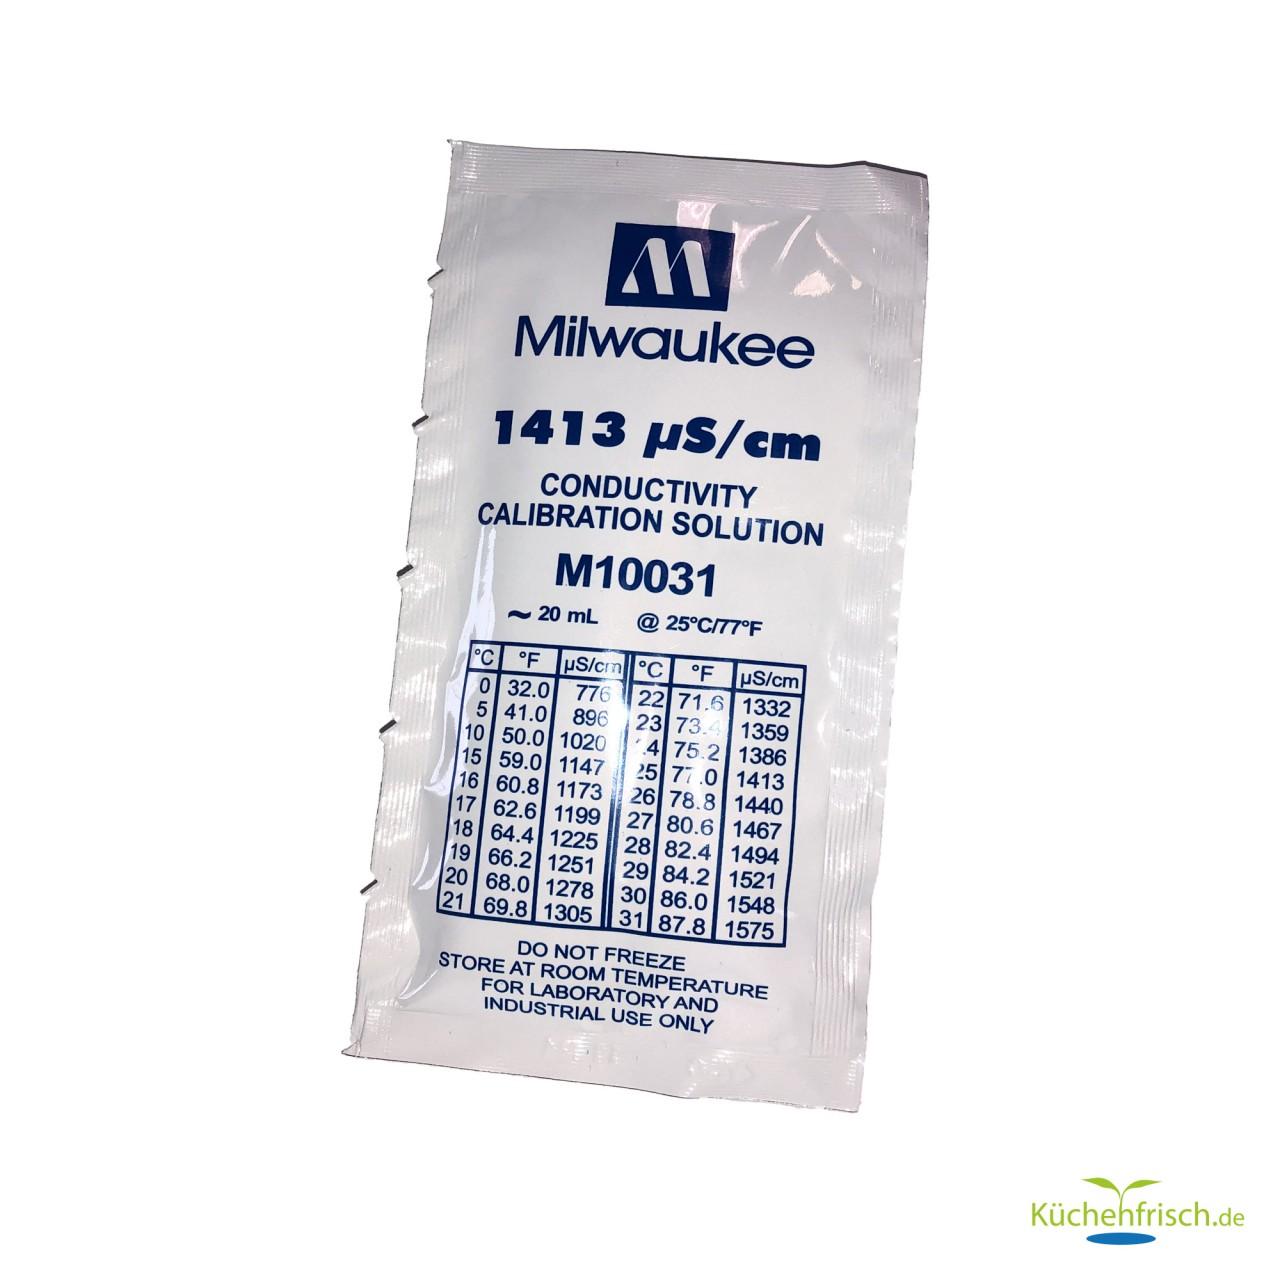 Milwaukee Kalibrierflüssigkeit 1413 µS/cm